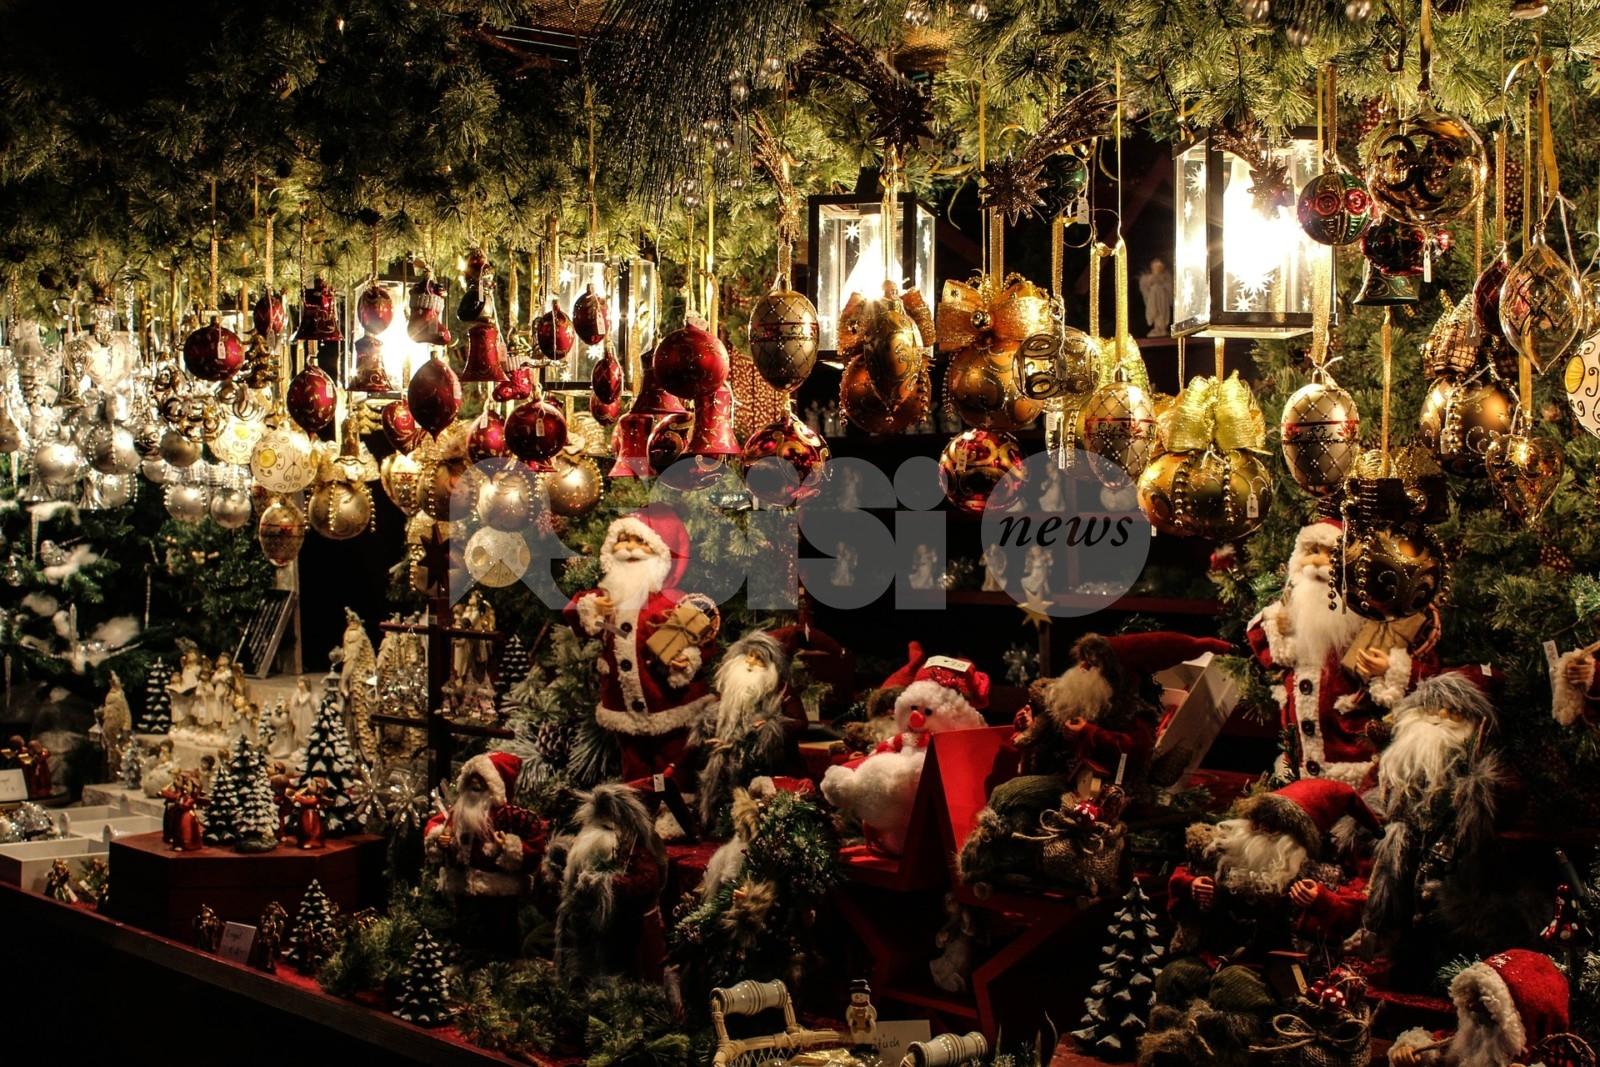 Mercatini di Natale in Umbria 2019-2020: città, date e orari